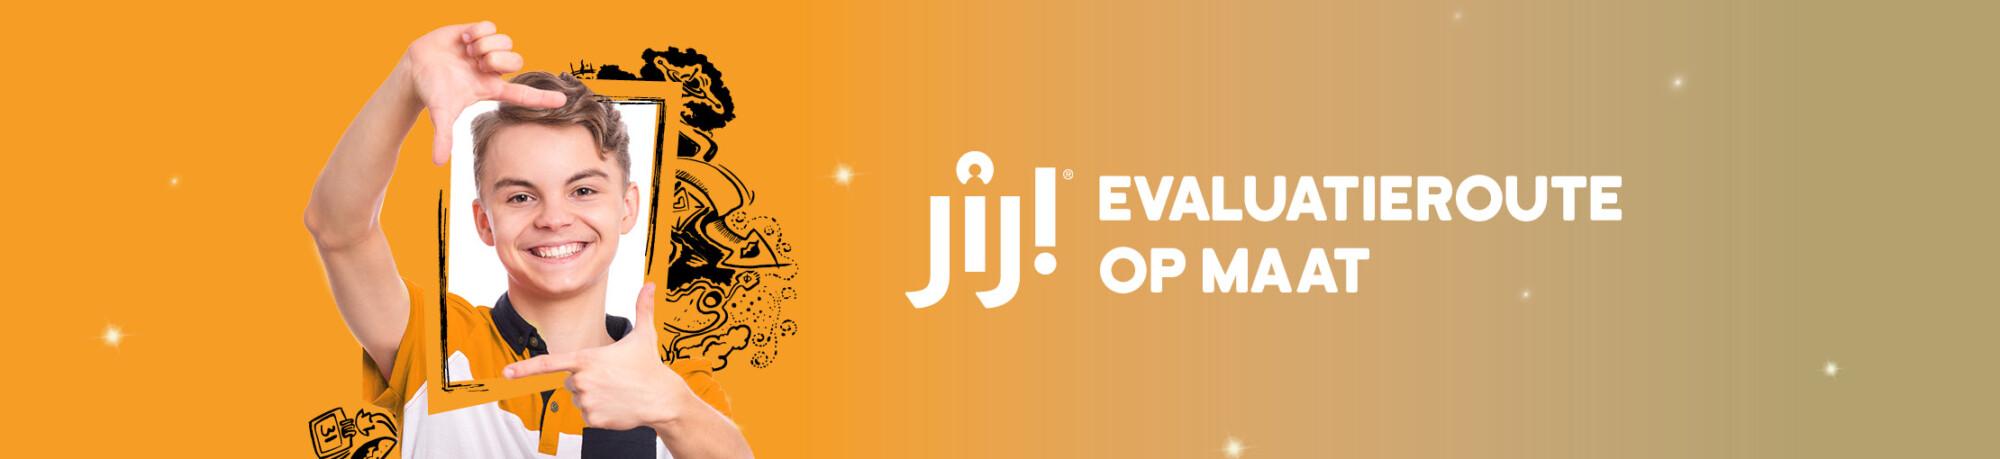 JIJ! Evaluatieroute op maat - Leerlingvolgsysteem